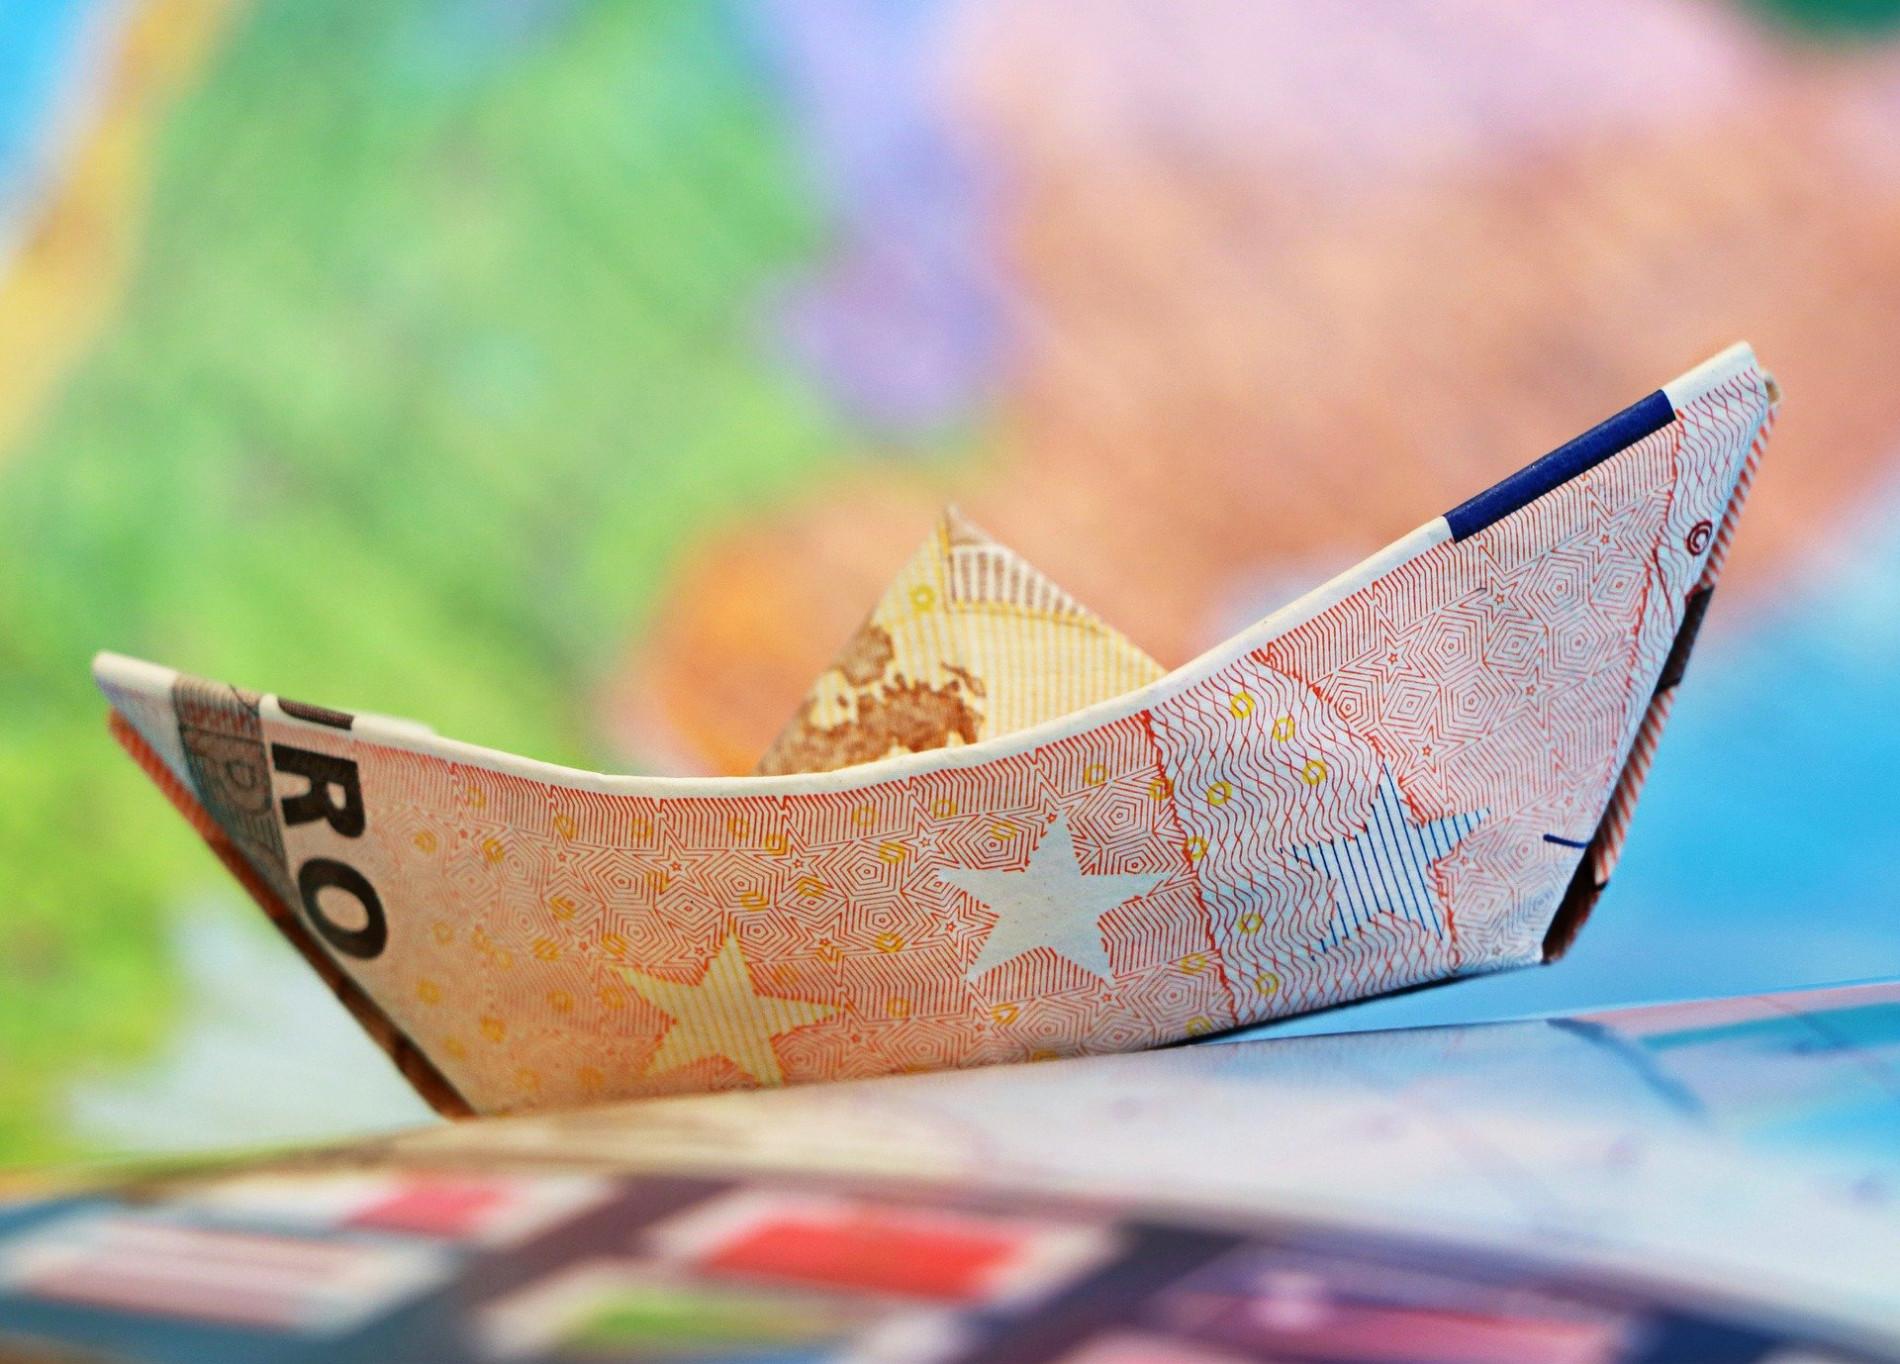 Förderungen für die Streutalallianz (Euroboot Klimkin pixabay)